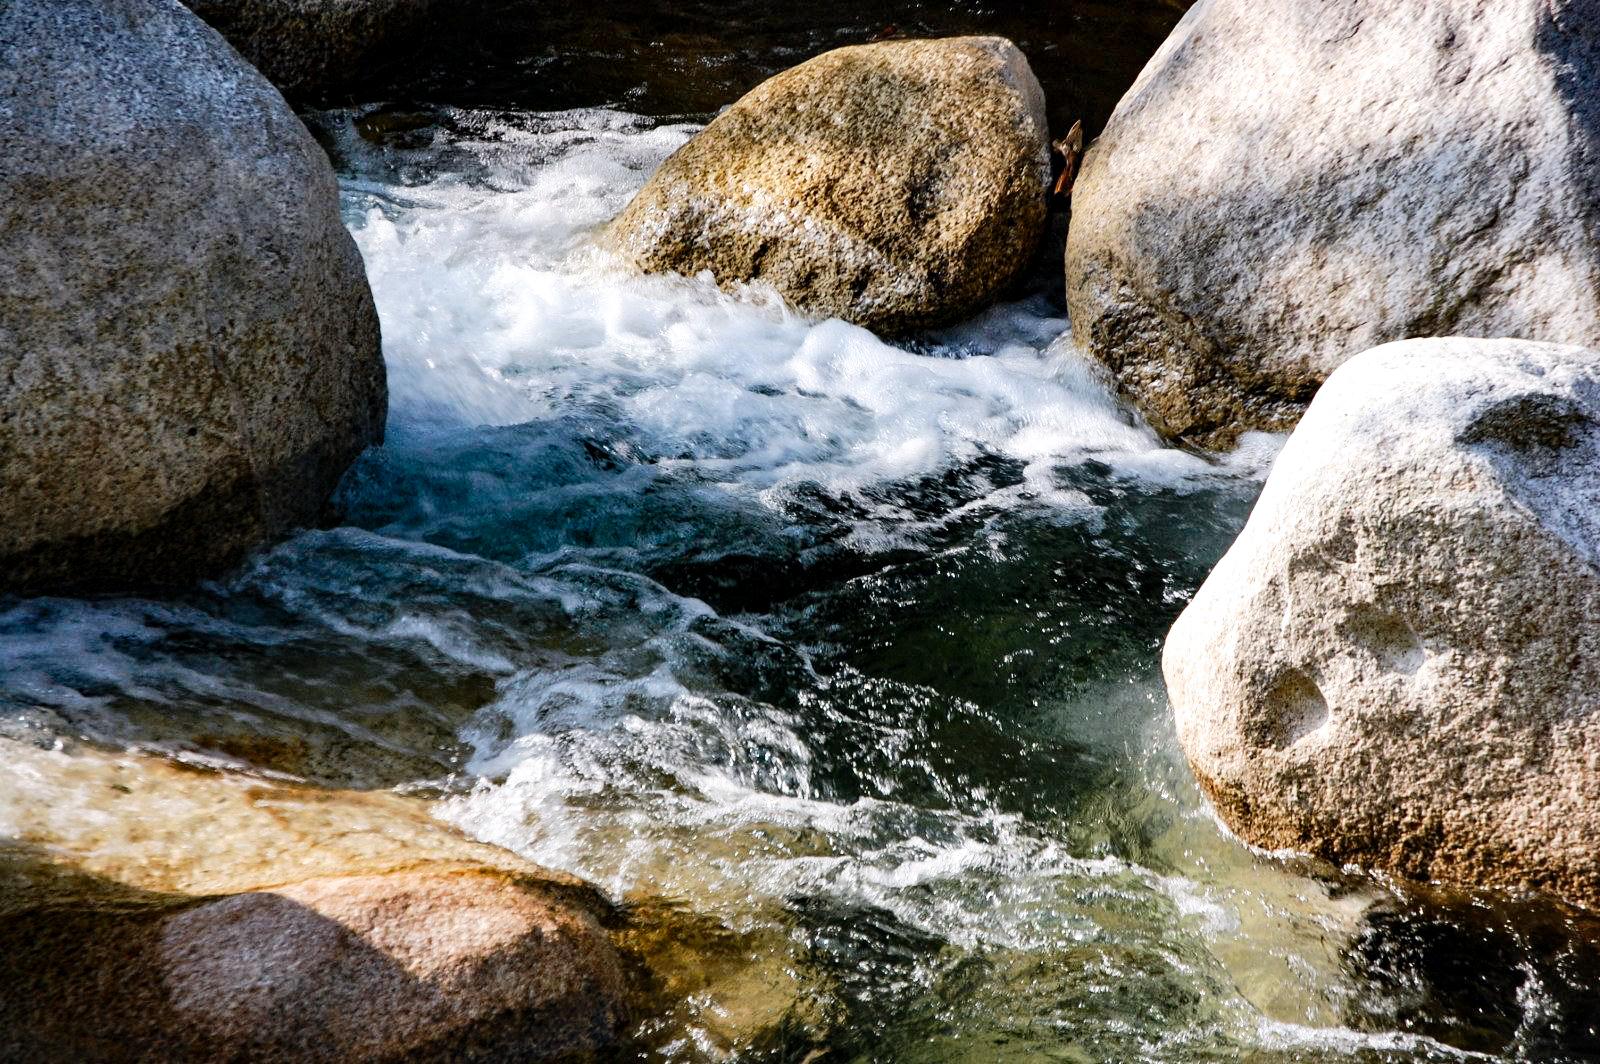 急な流れ 上流の川